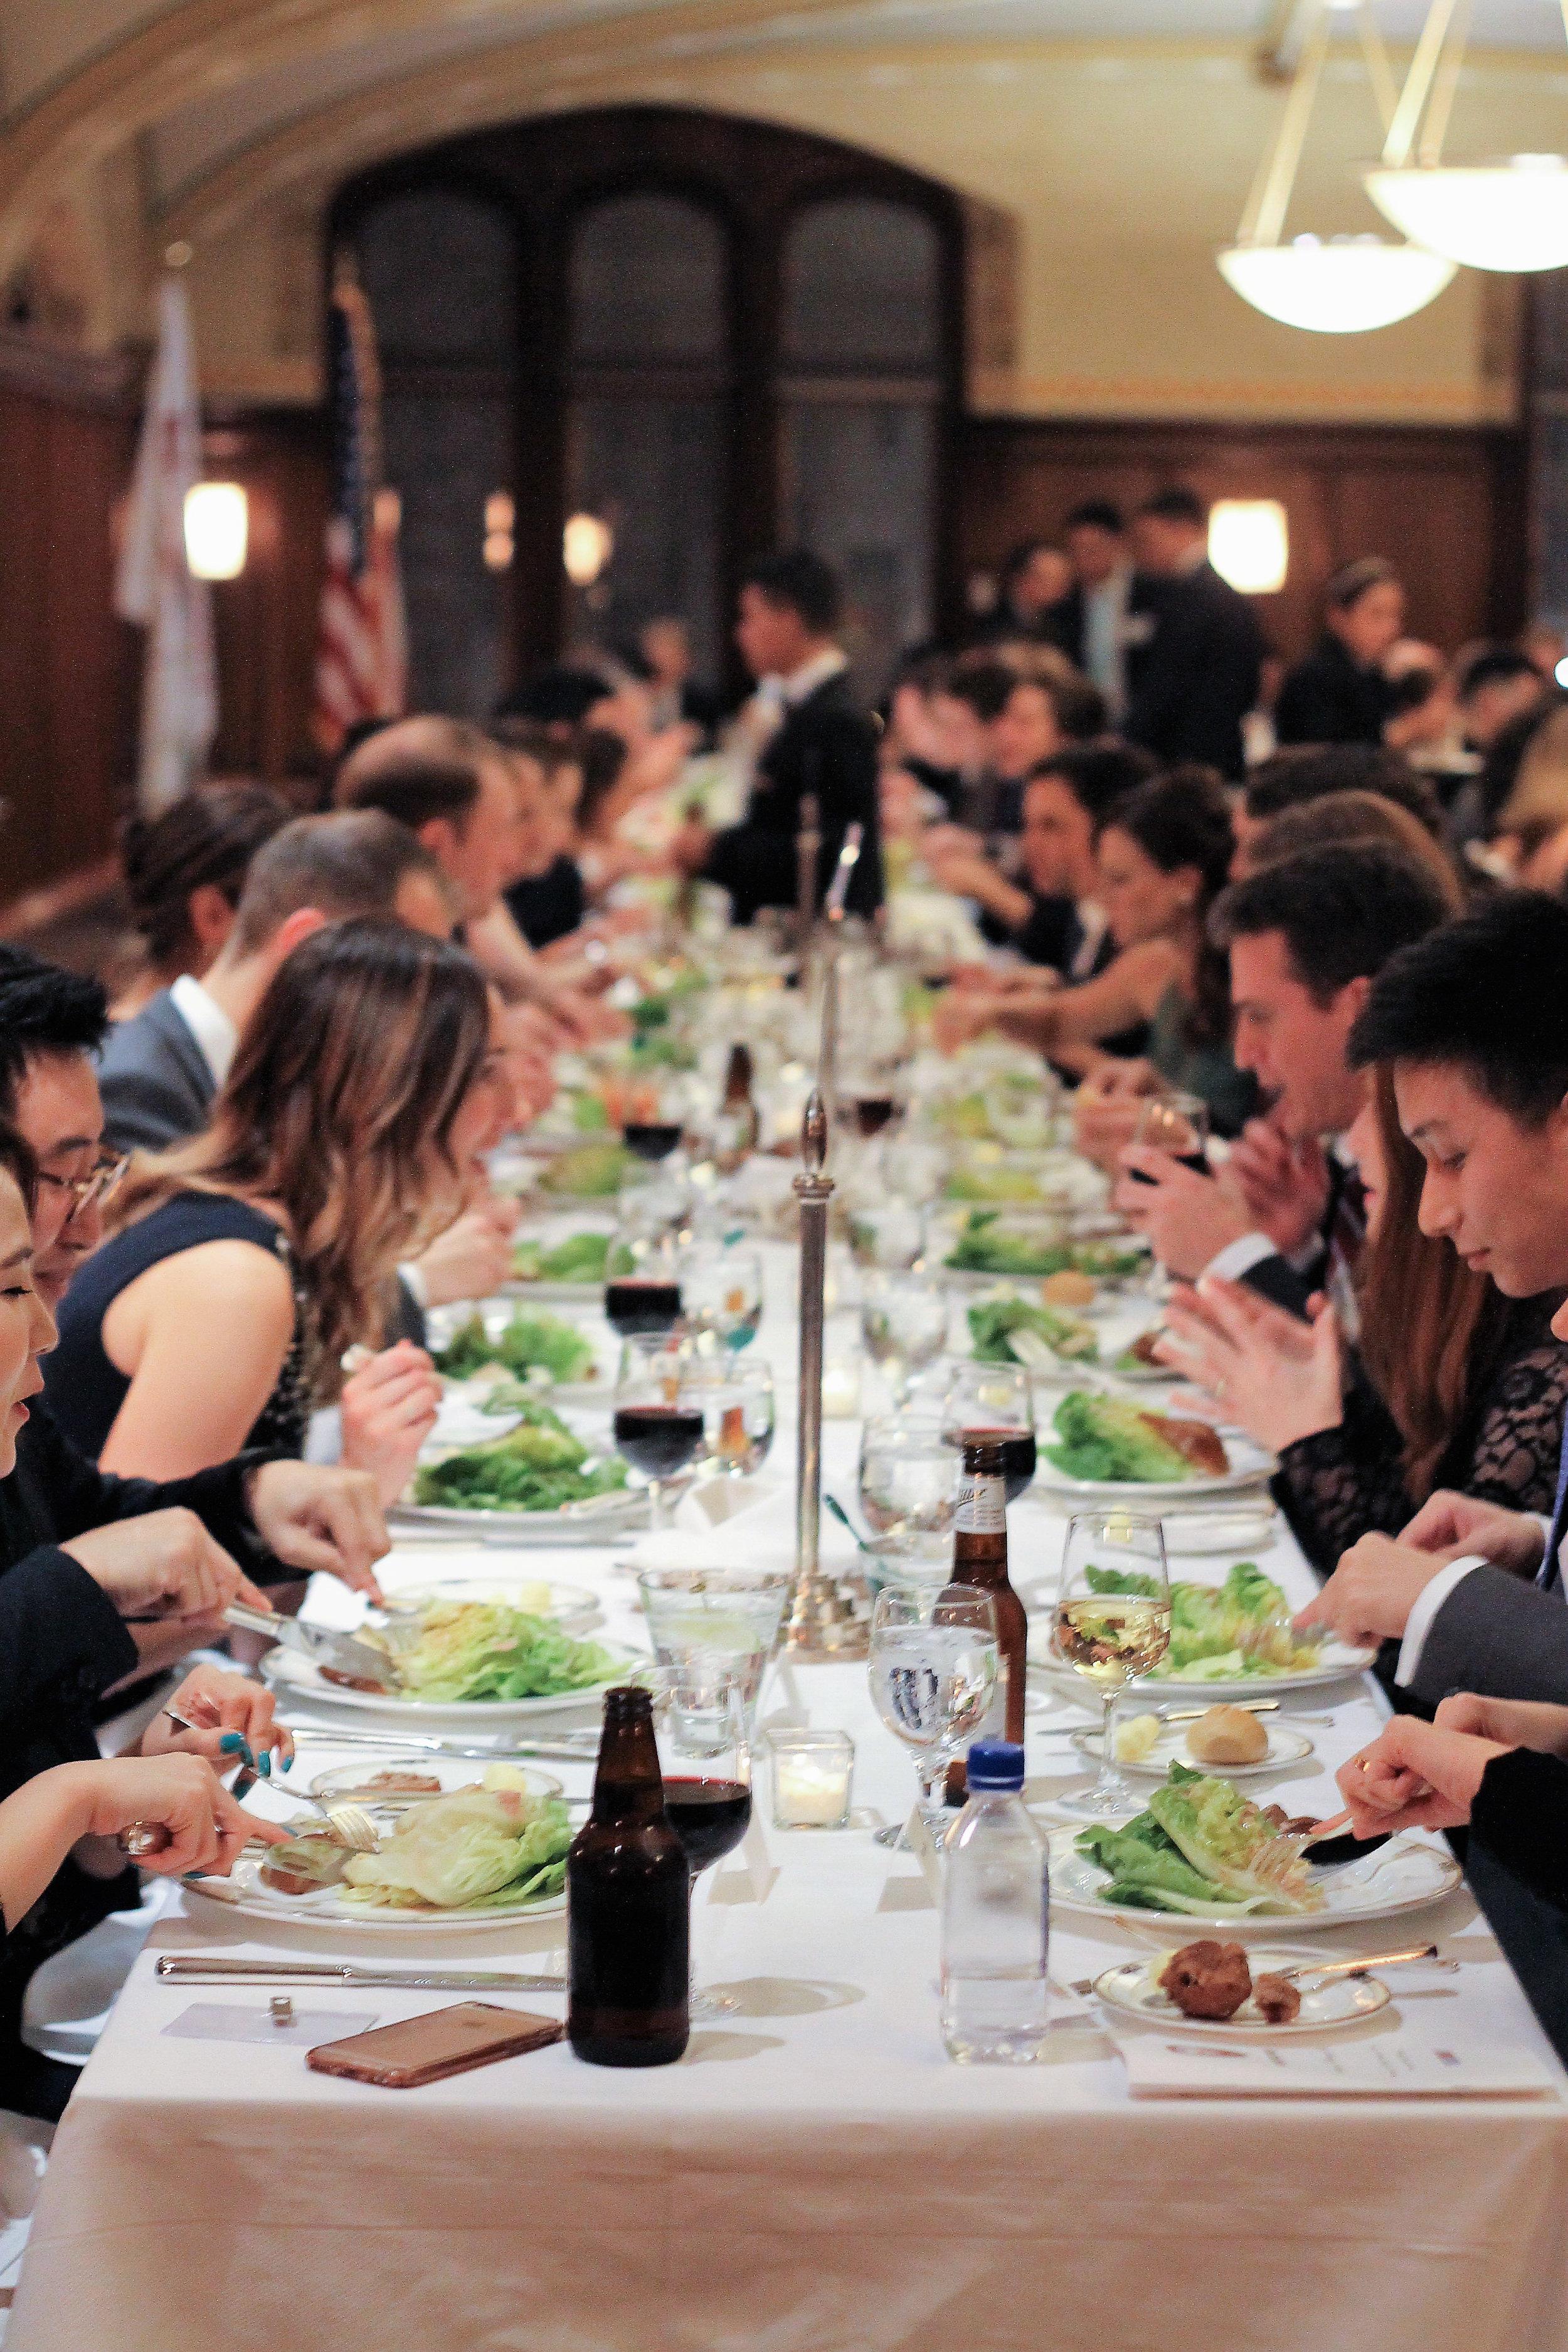 AFG+Dinner-14.jpg